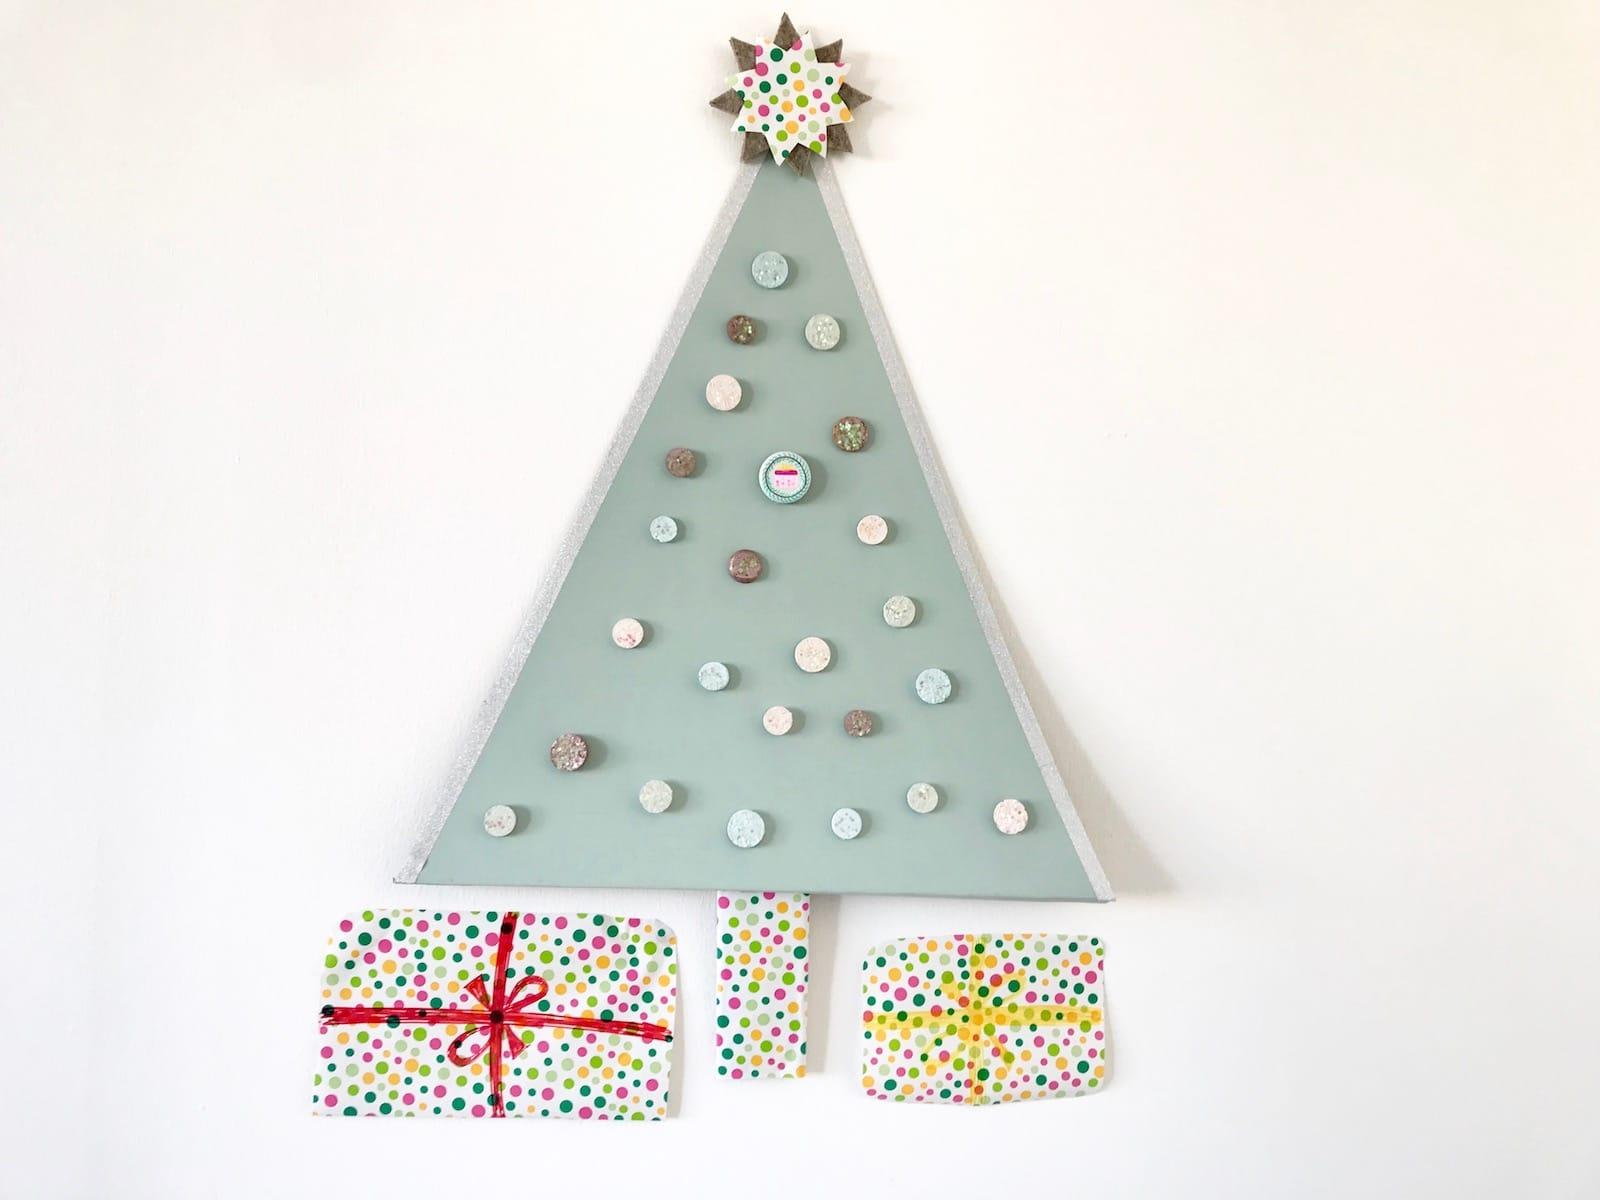 Weihnachten basteln mit Kindern zum Advent, DIY Weihnachts-Countdown, Upcycling, Weihnachtsbaum basteln